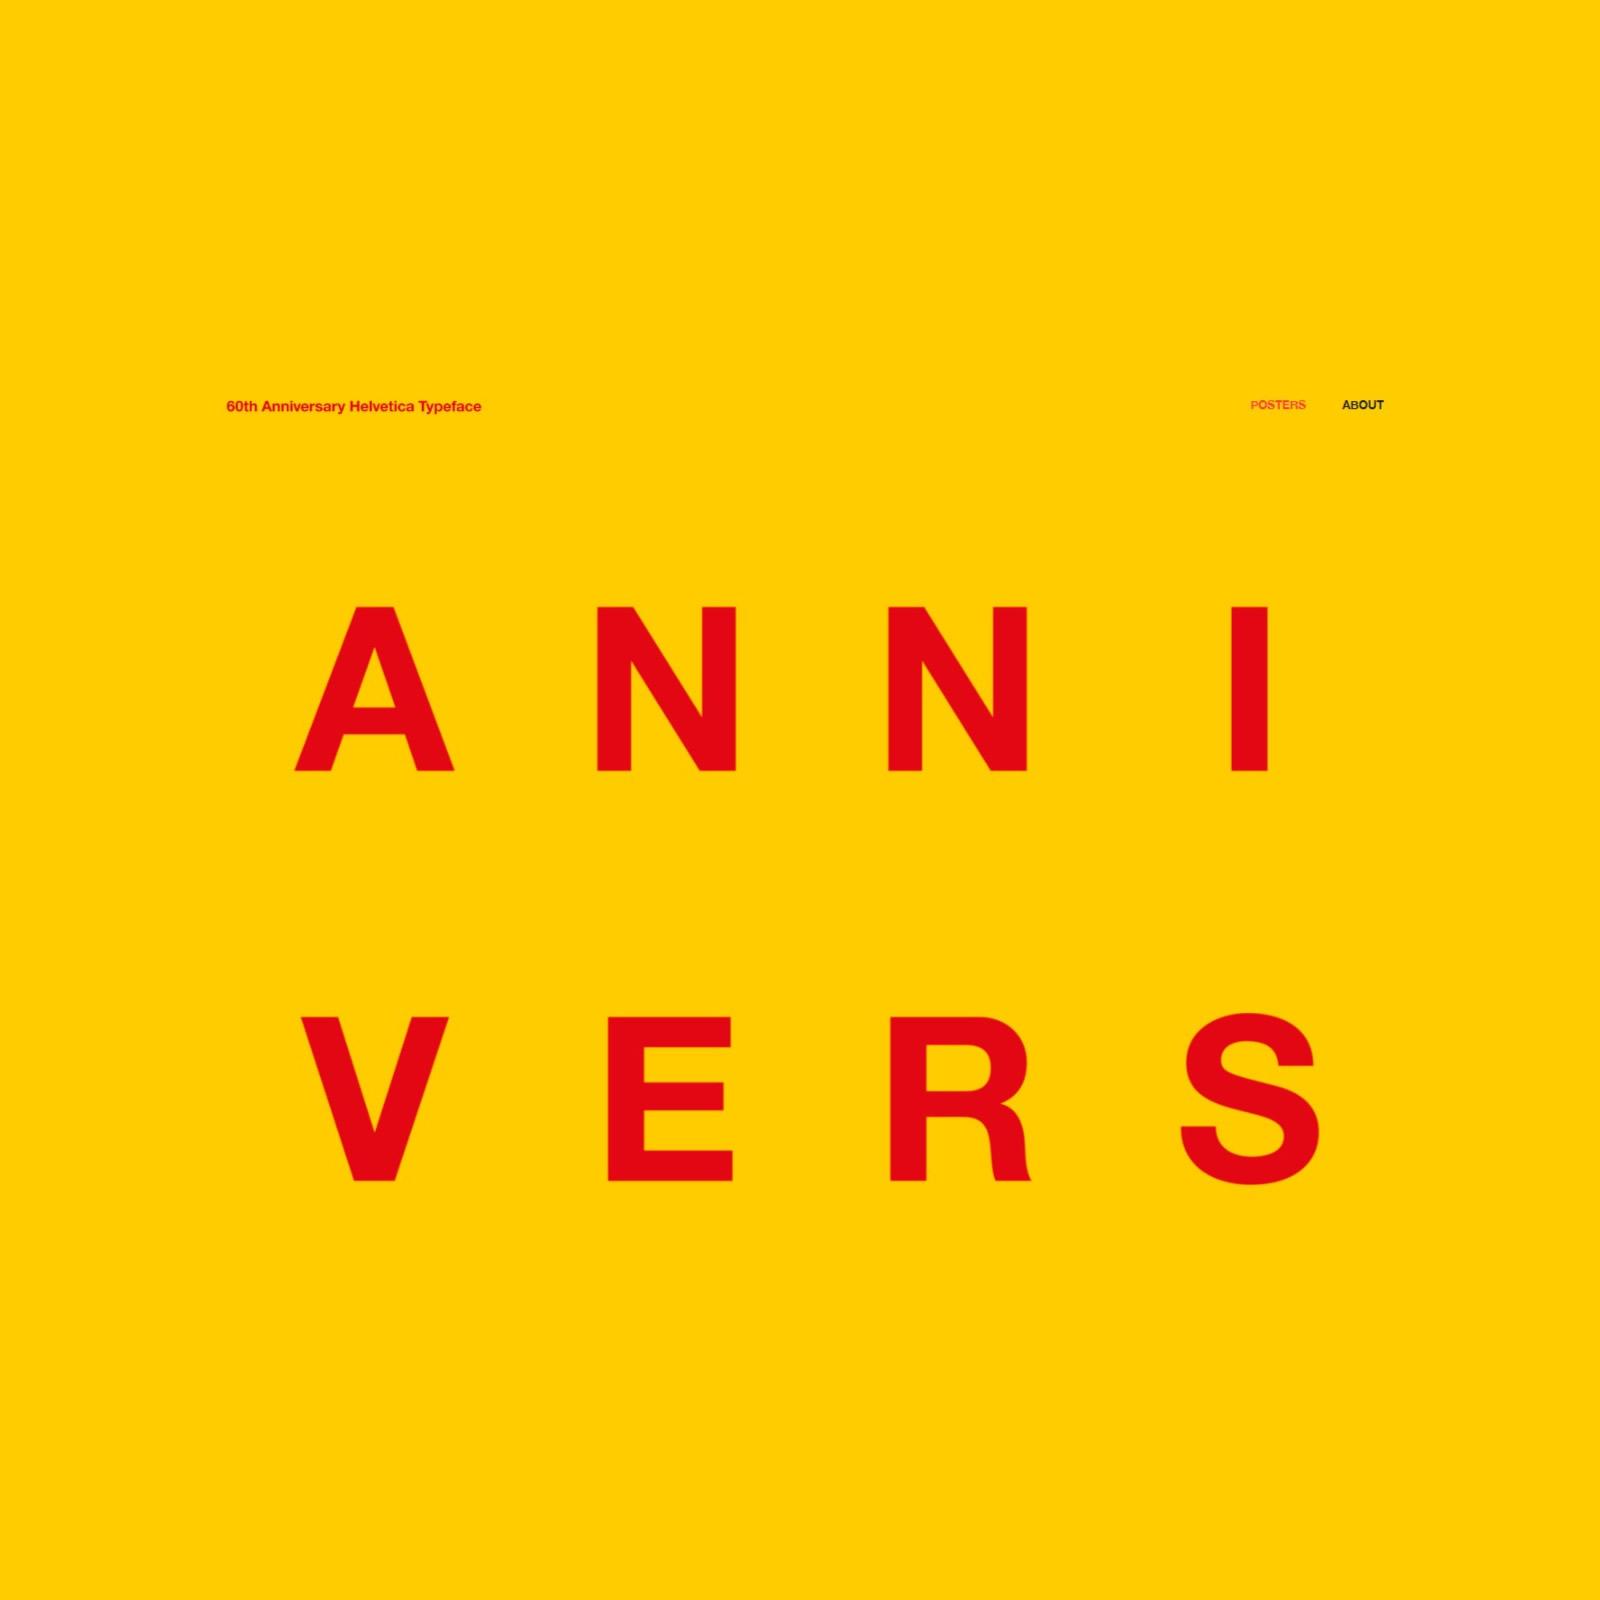 ヘルベチカ誕生60周年を記念して、有名デザインスタジオが制作したポスター「60th Anniversary Helvetica Typeface」